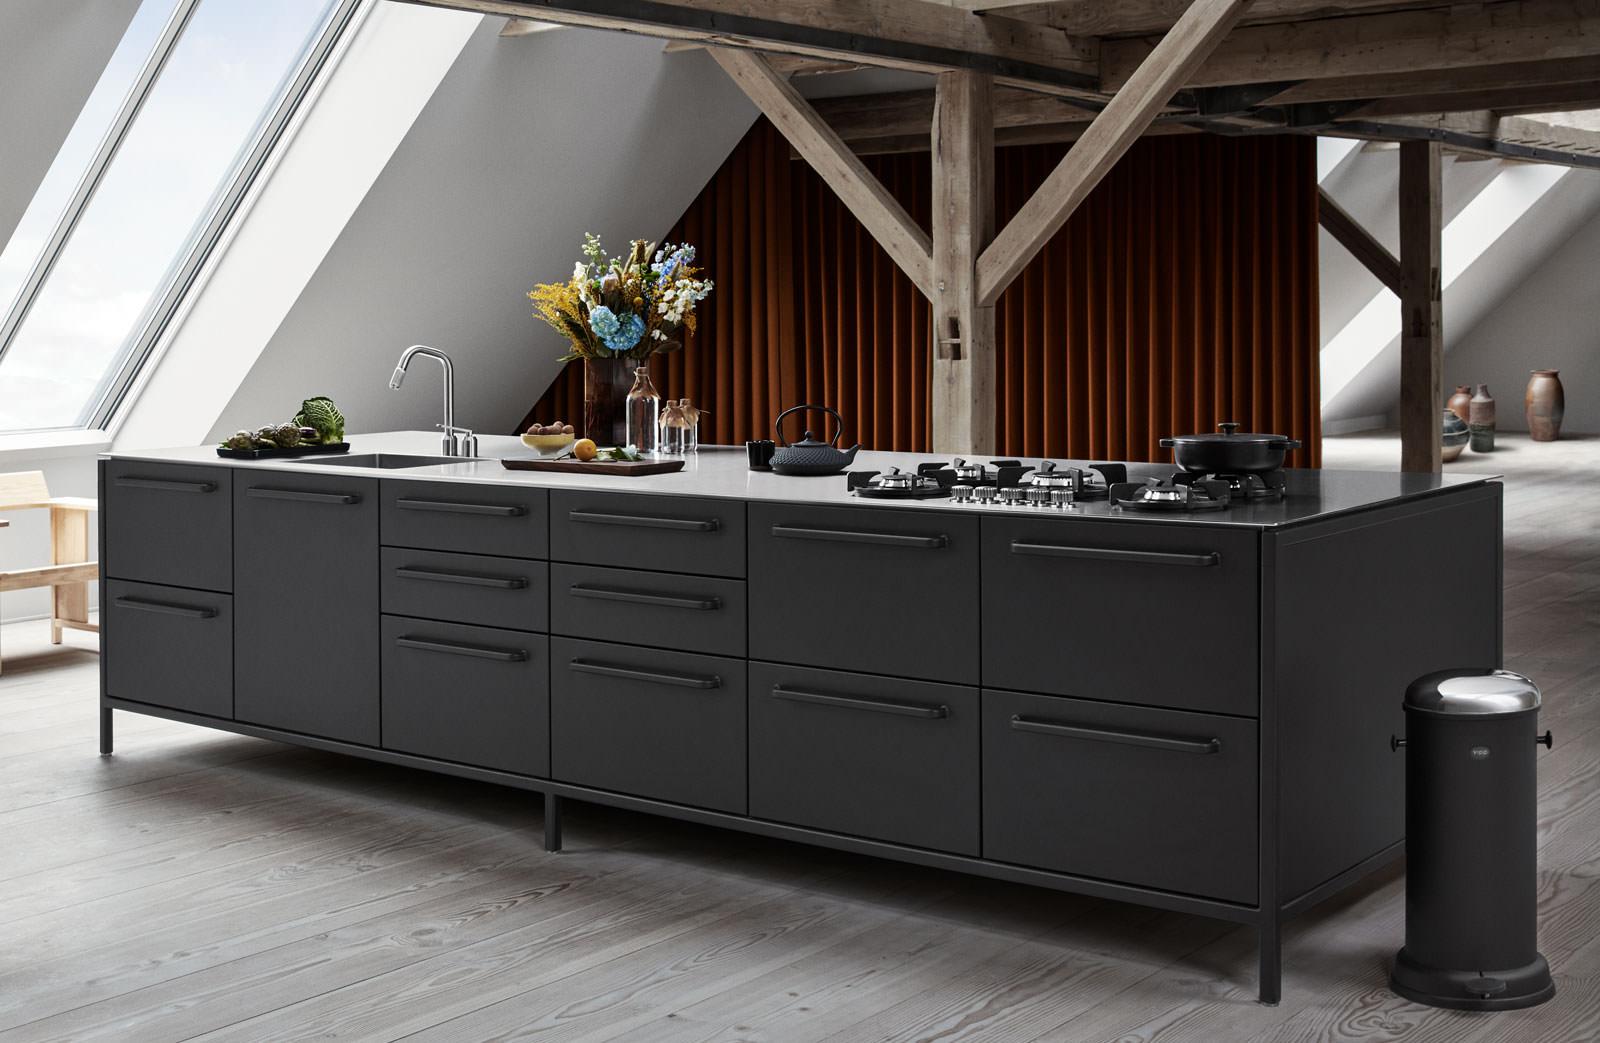 Ausgewählte Design Möbel Hersteller Wie Vitra Fritz Hansen Usm